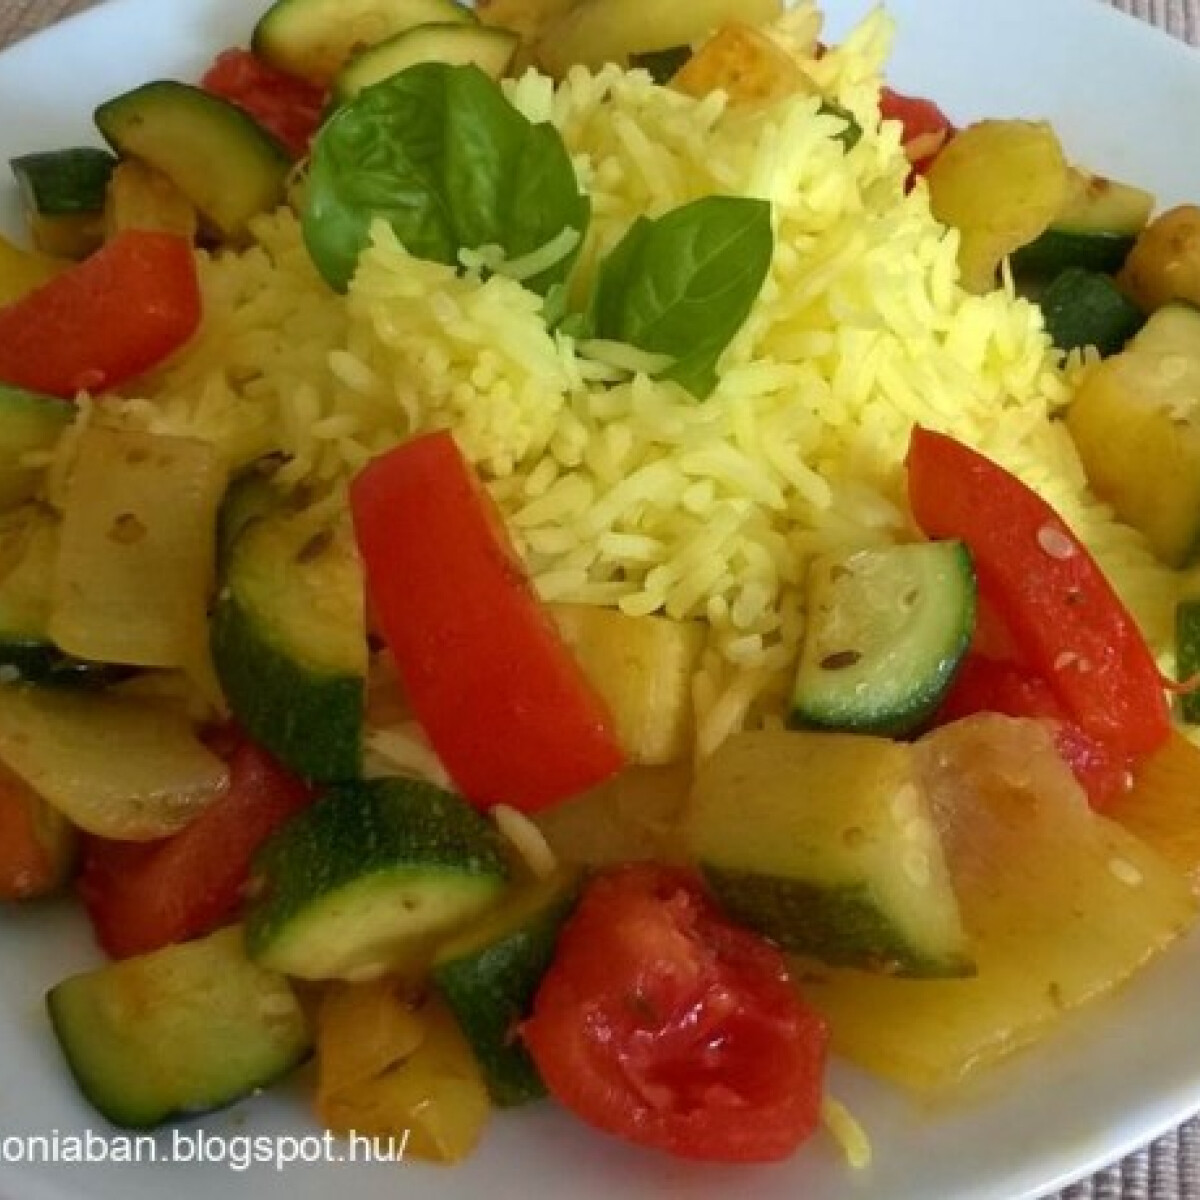 Ezen a képen: Cukkini-paprika-paradicsom - könnyű és gyors vacsora